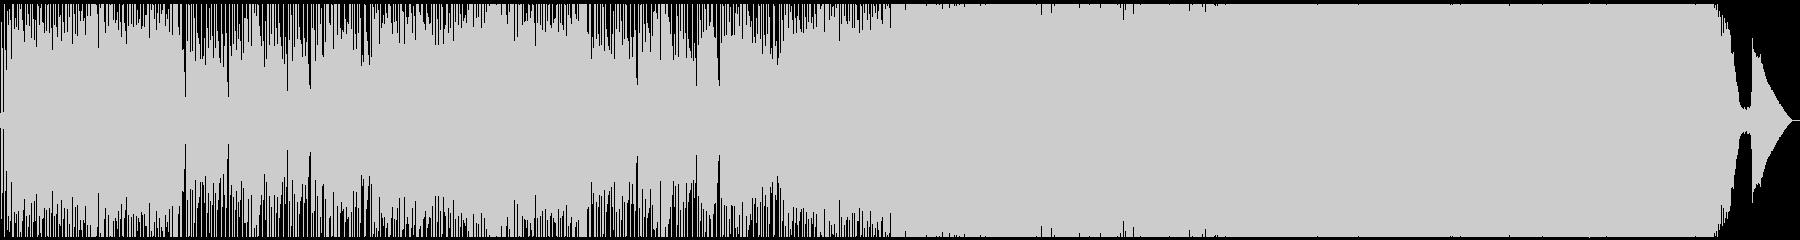 インディーズ ロック ポップ 代替...の未再生の波形